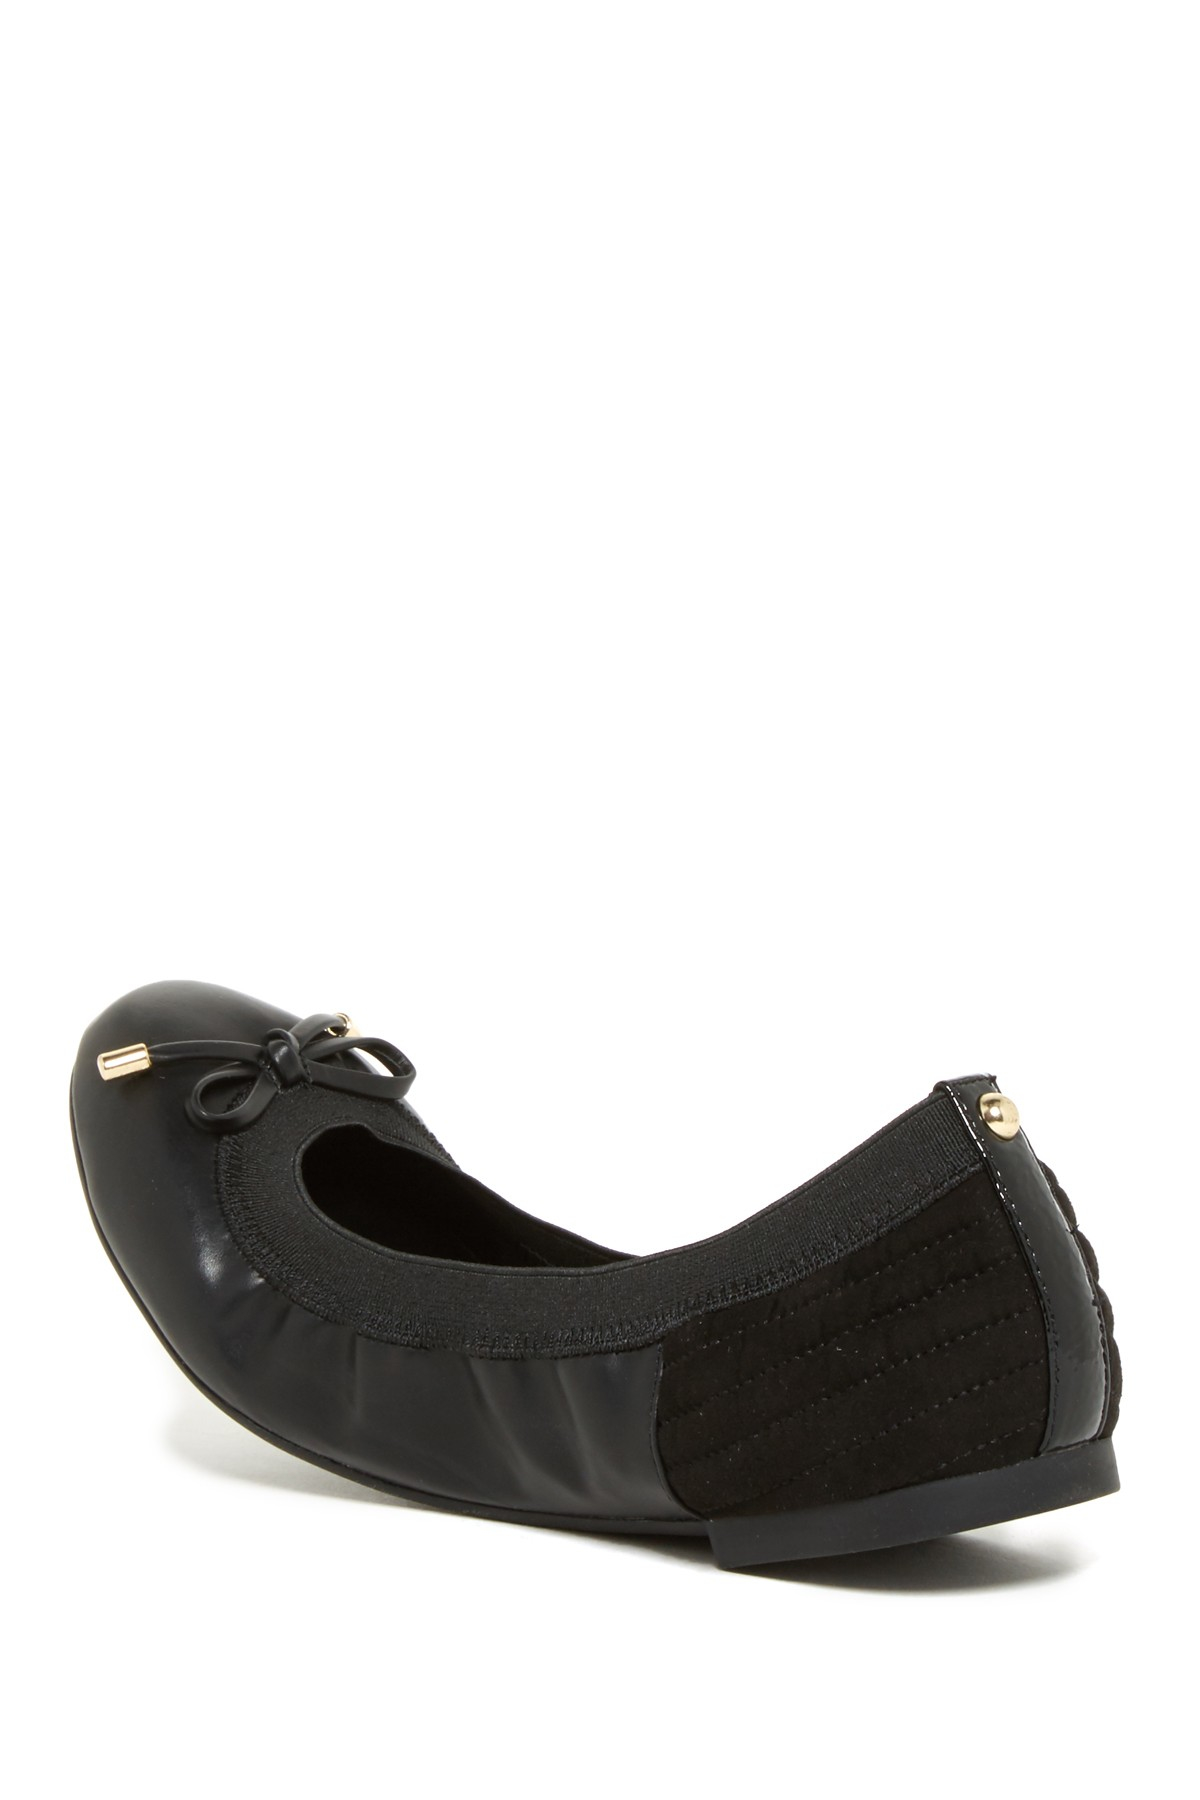 Lyst Aldo Roero Ballet Flat In Black